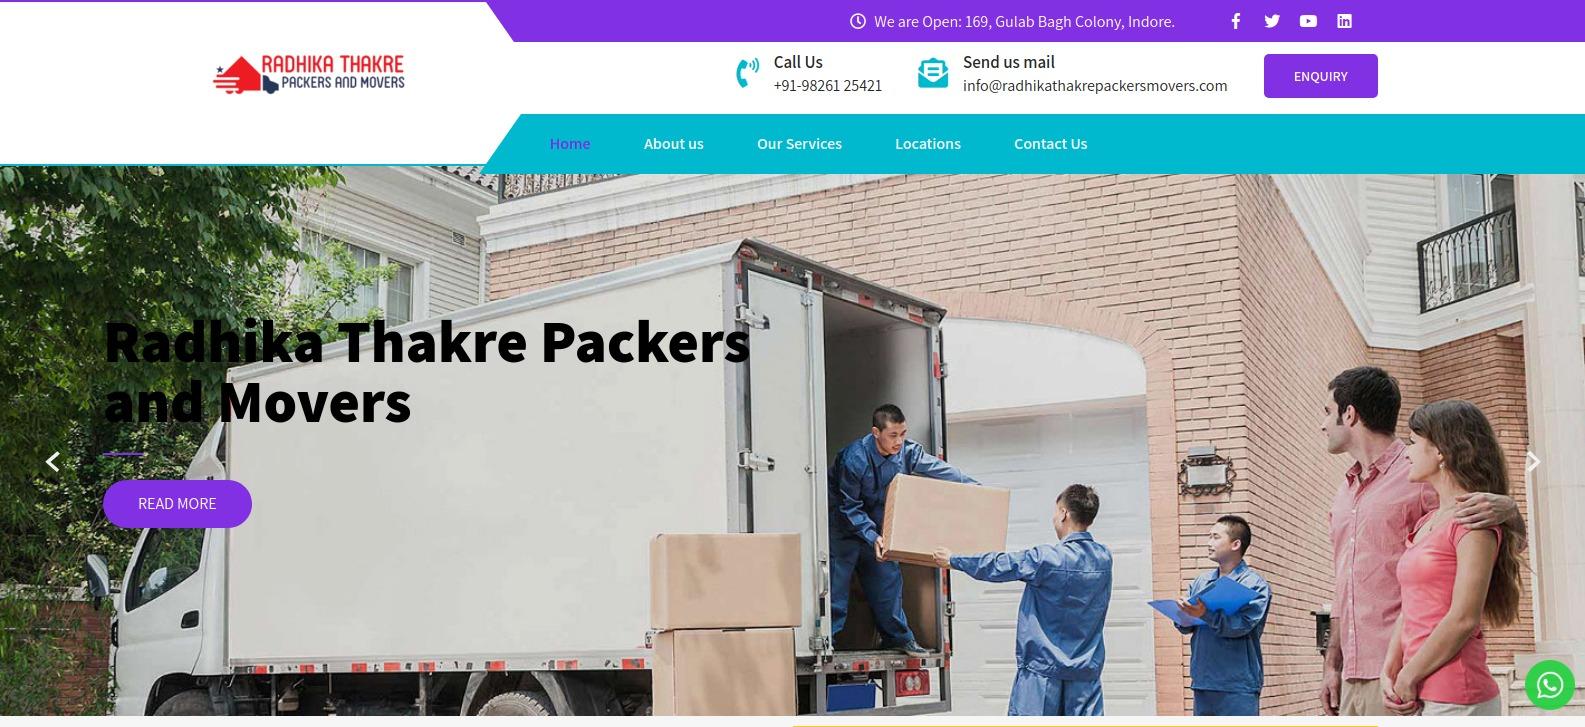 Radhika Thakre Packers and Movers